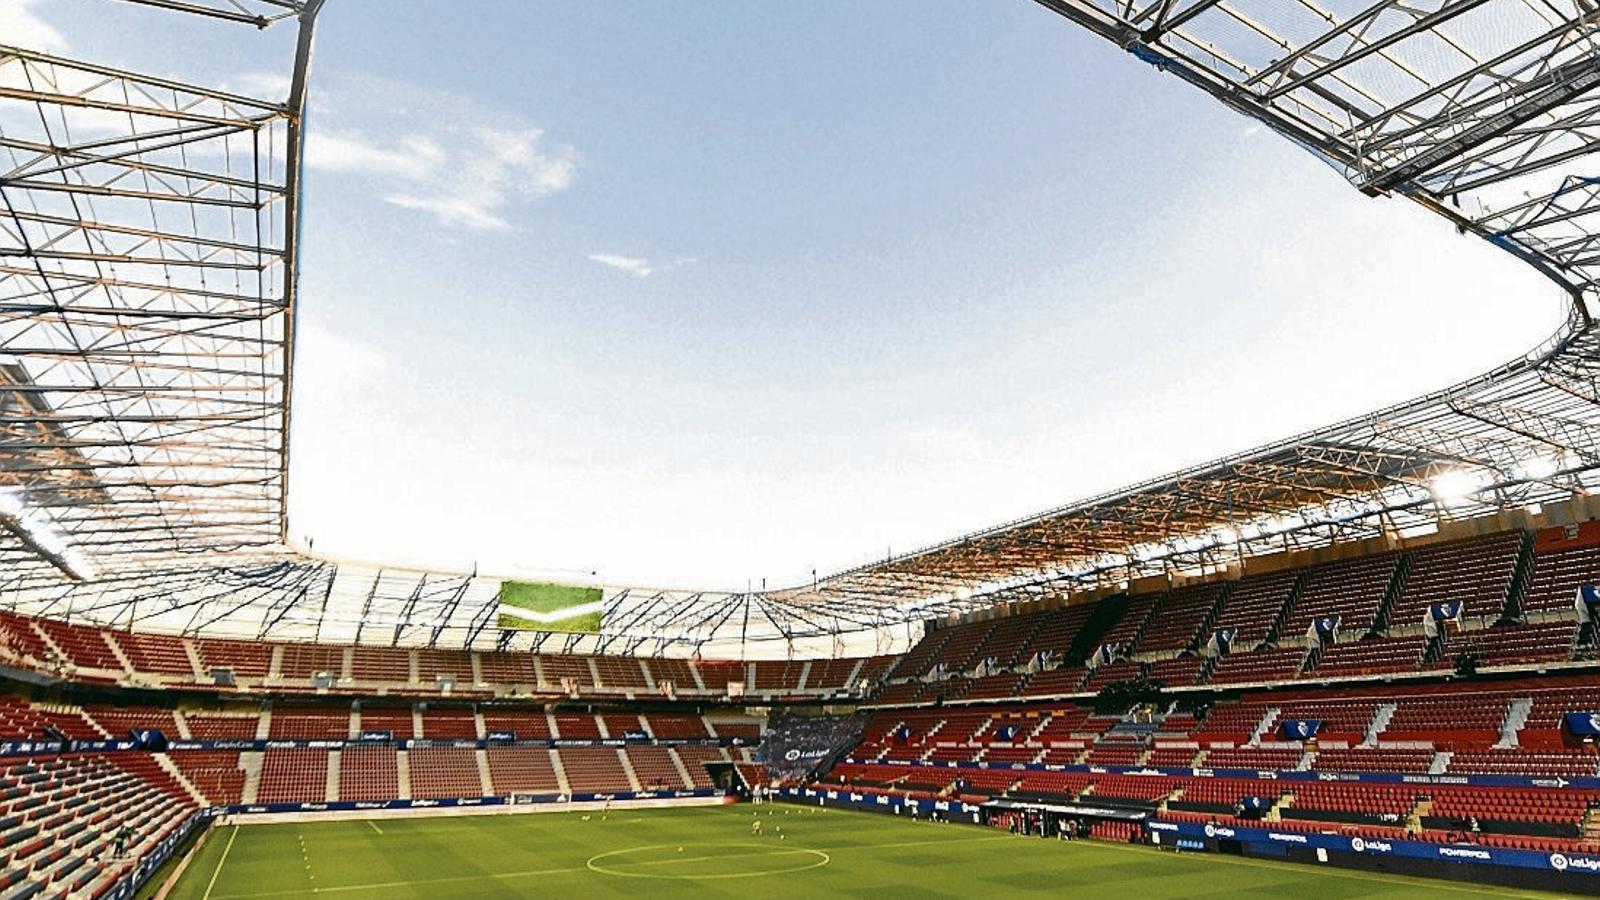 Vista general de l'interior de l'estadi El Sadar, a Pamplona, ahir abans del partit entre l'Osasuna i l'Atlètic de Madrid.